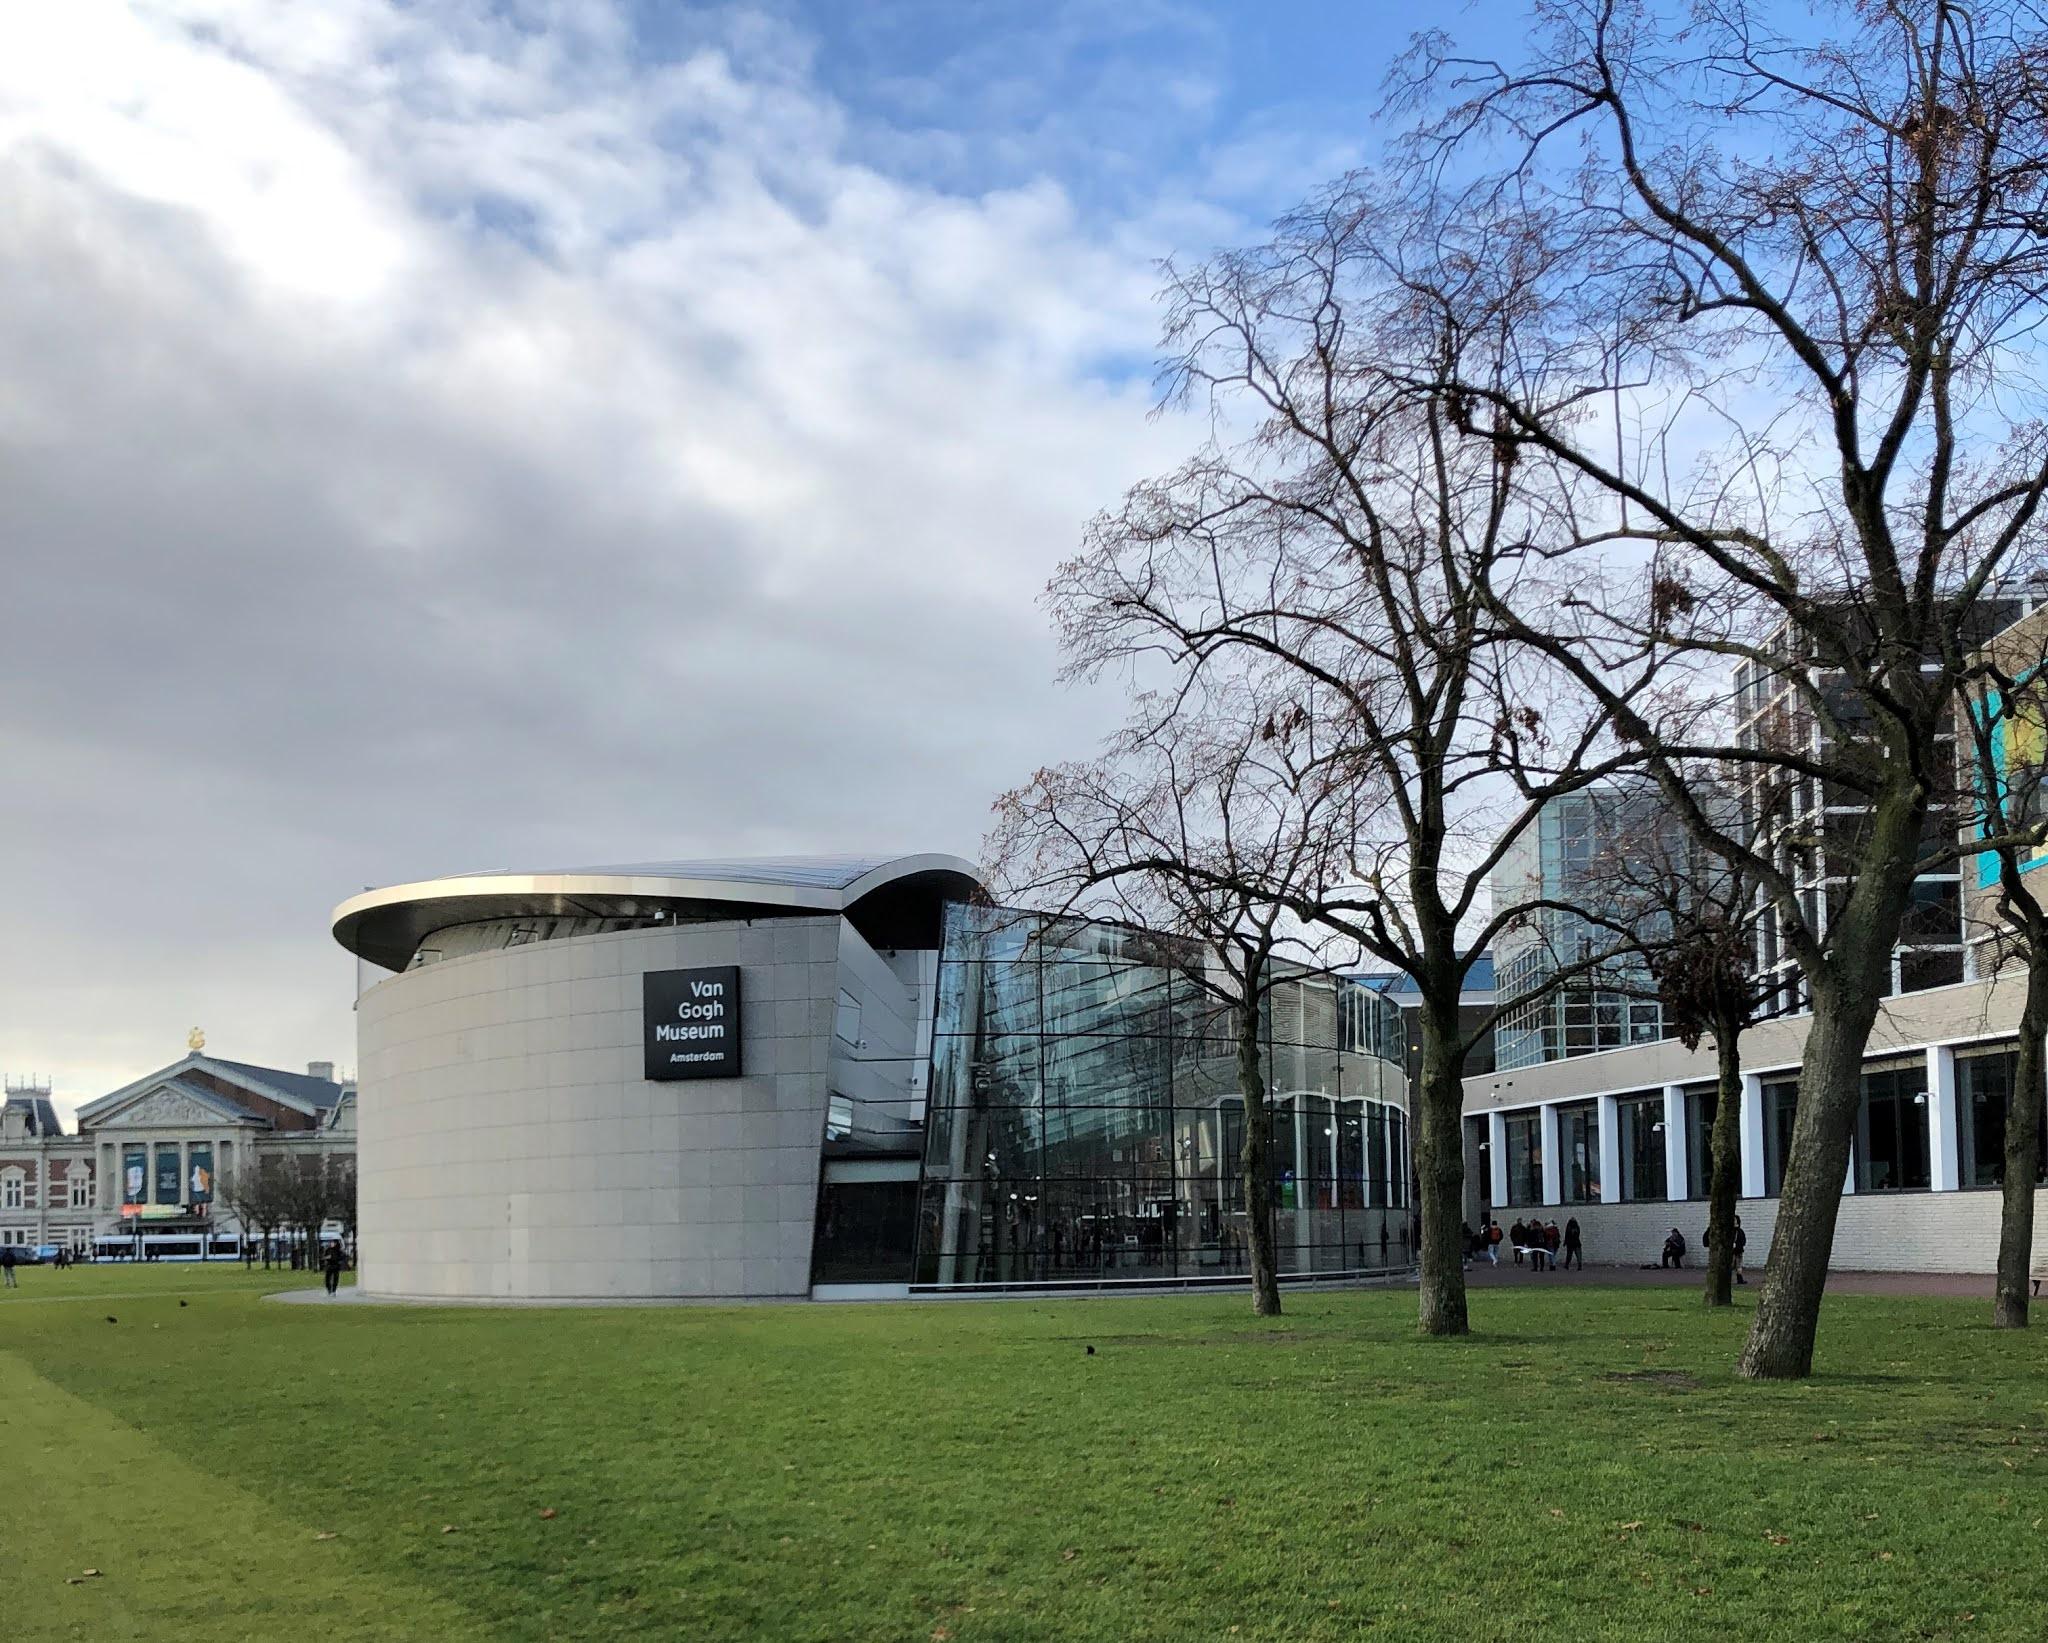 متحف فان غوخ في امستردام..يتربع على عرش السياحة الثقافية في امستردام